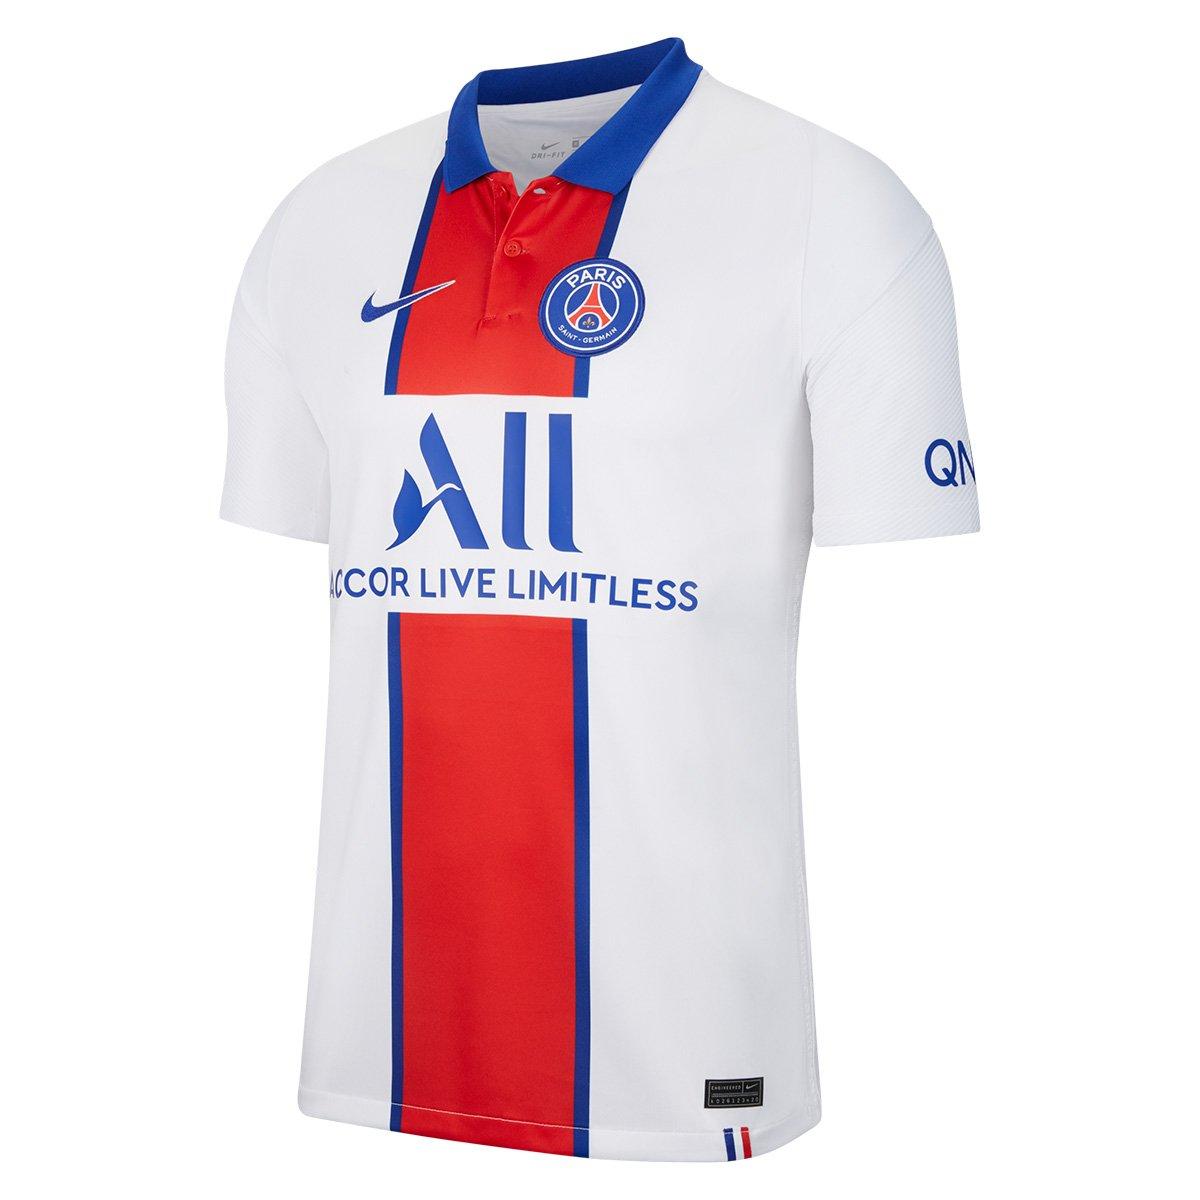 Camisa Oficial Paris Saint-Germain Away 20/21 s/n° Torcedor Nike